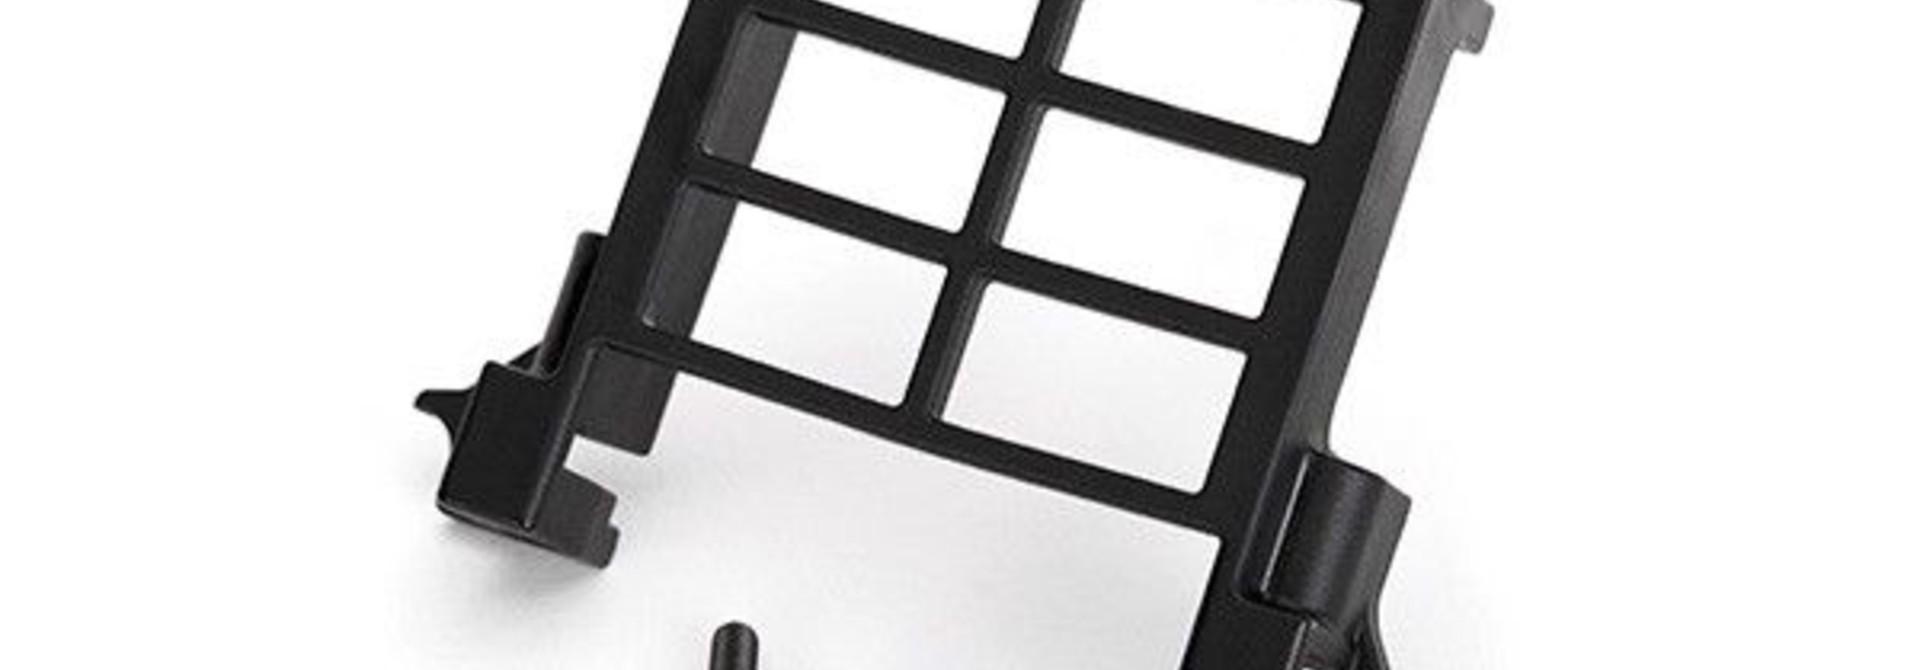 Adapter, standard servo (adap ts standard servo to fit in XM, TRX7749